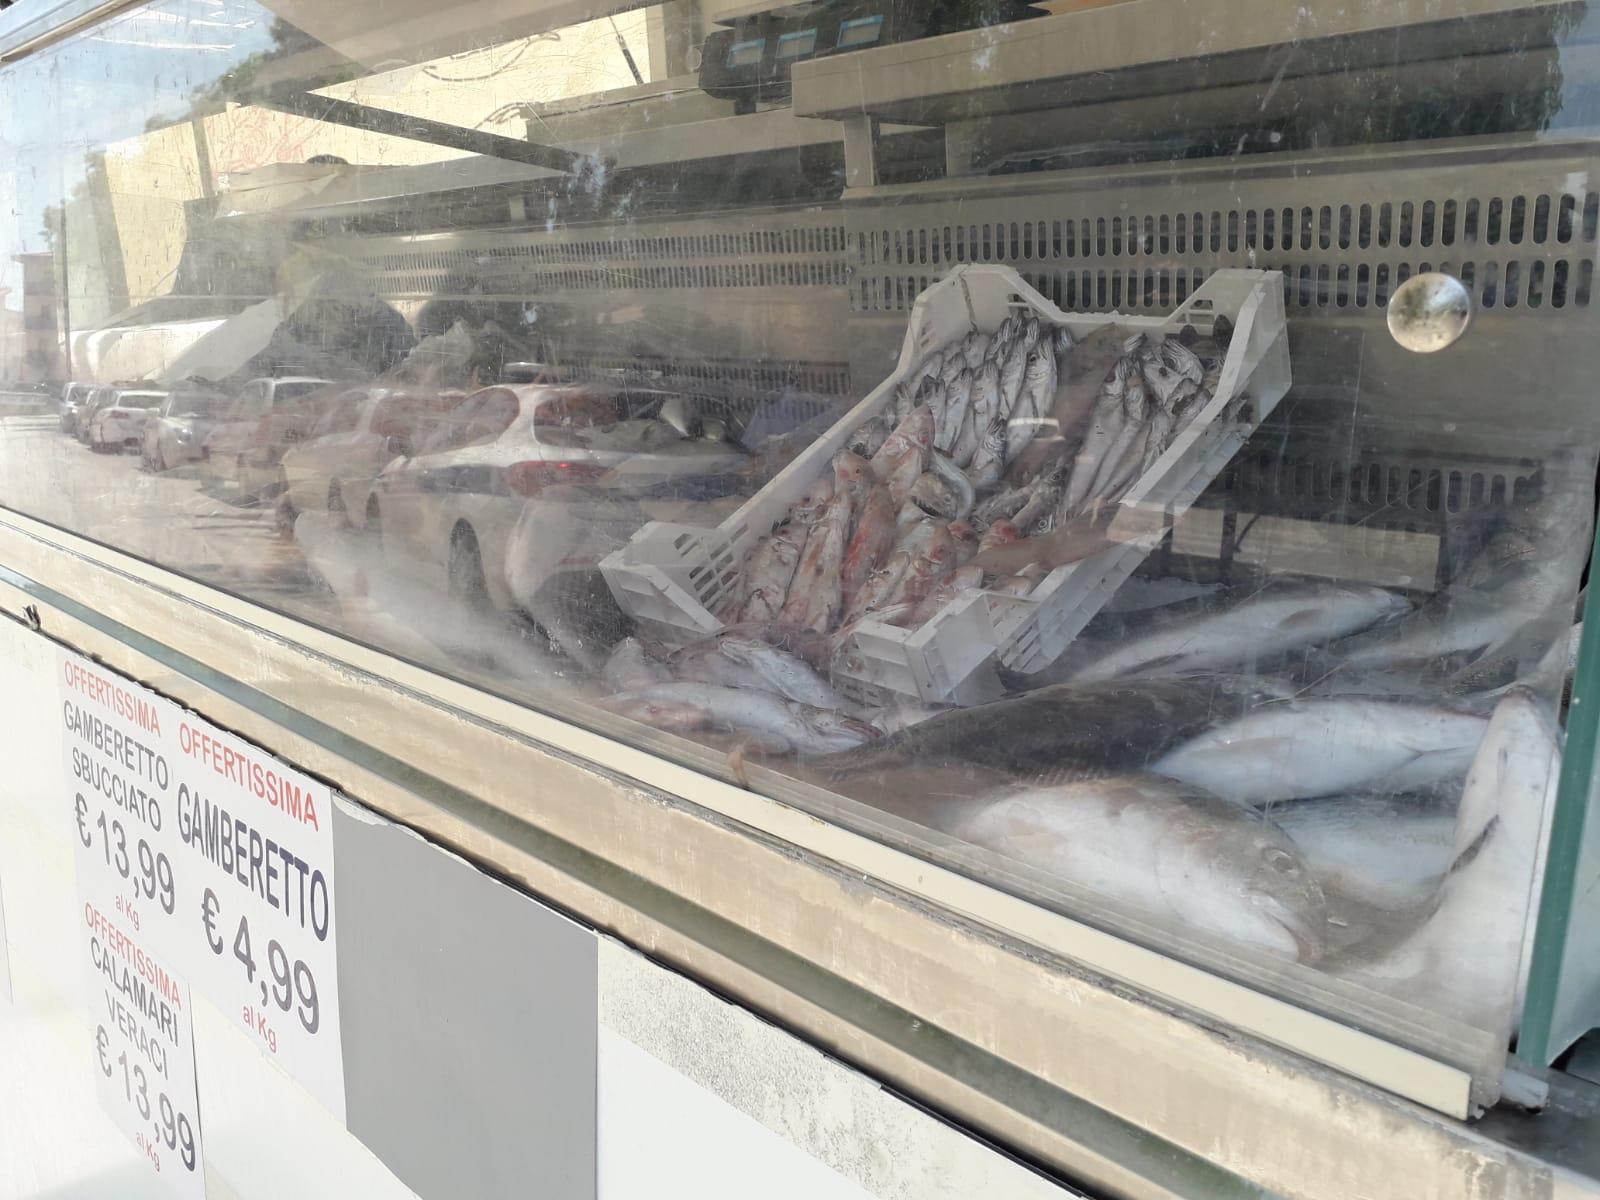 Gamberi, orate, merluzzi e altro pesce non tracciabile: sequestrati oltre 30 chili